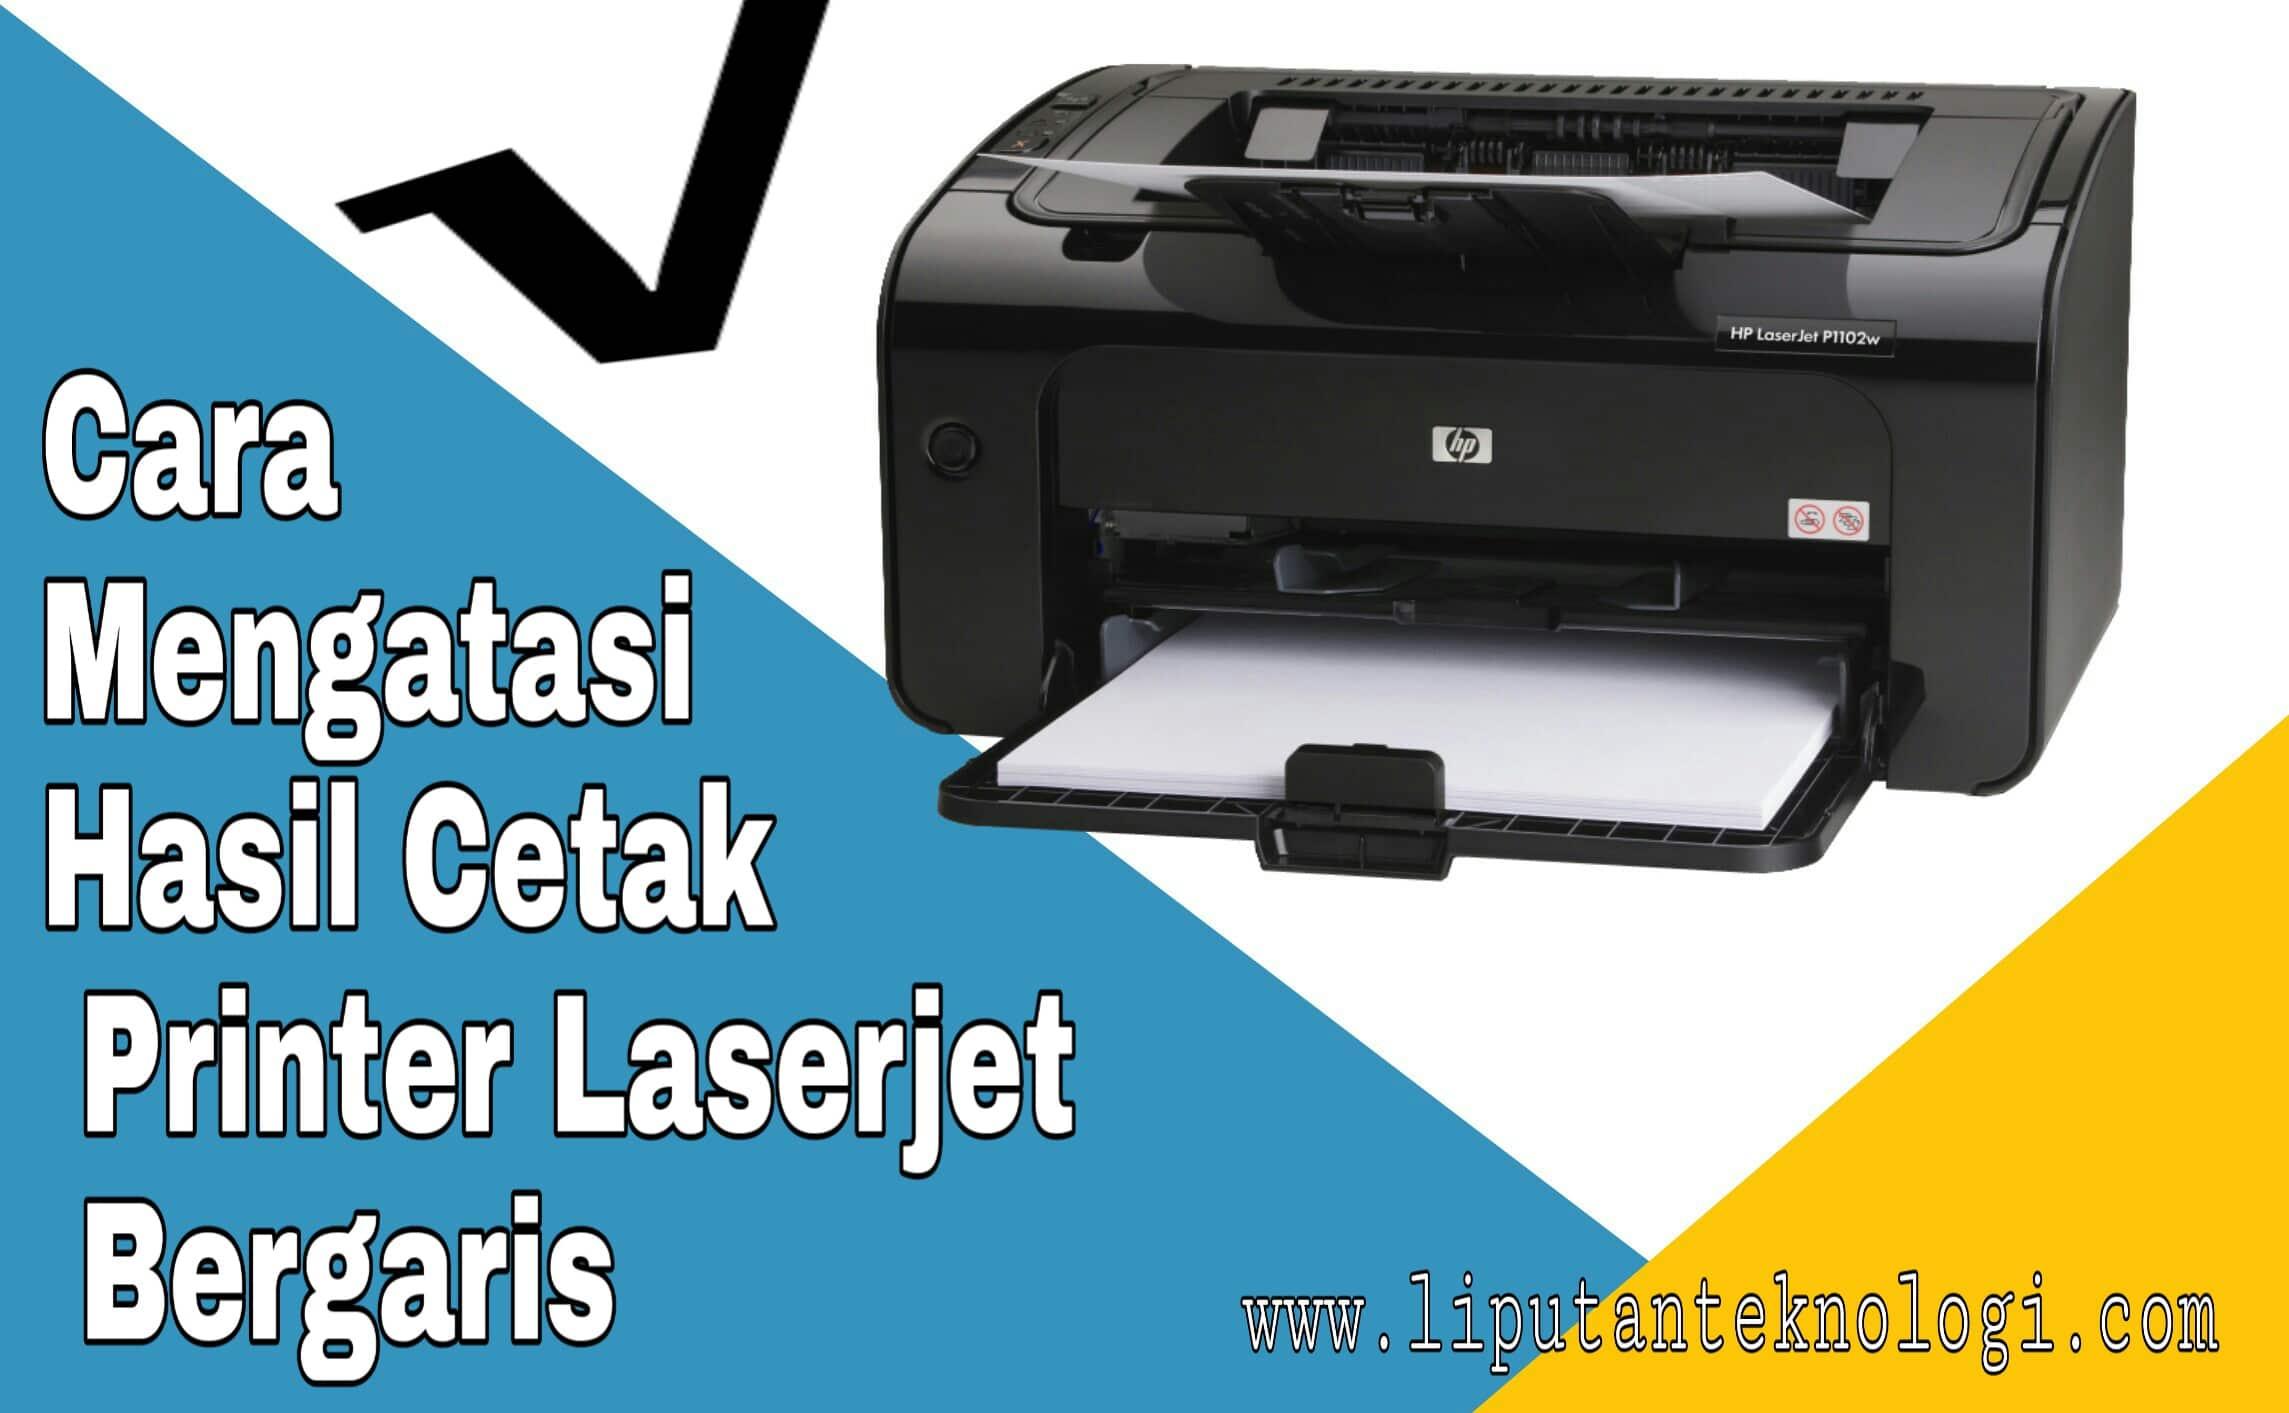 Mengatasi-Laserjet-Bergaris